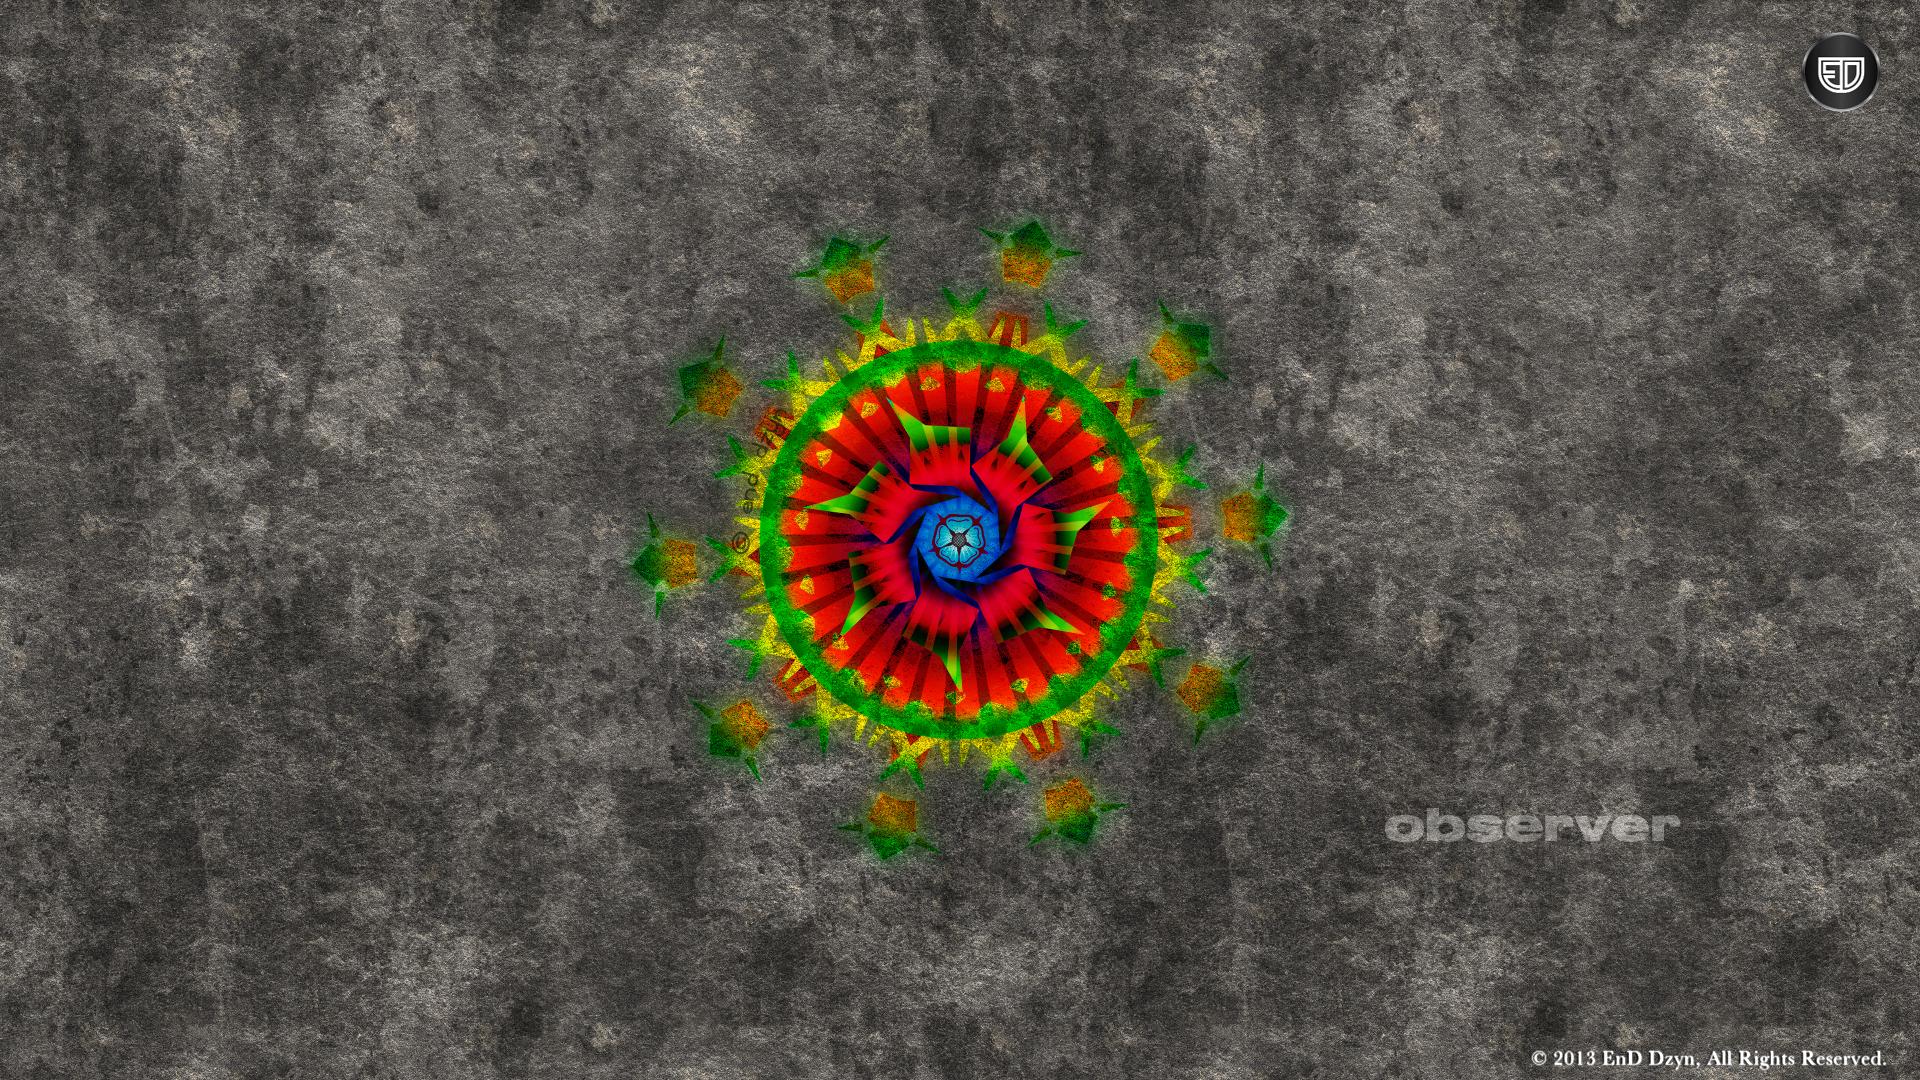 album cover wallpaper wallpapersafari